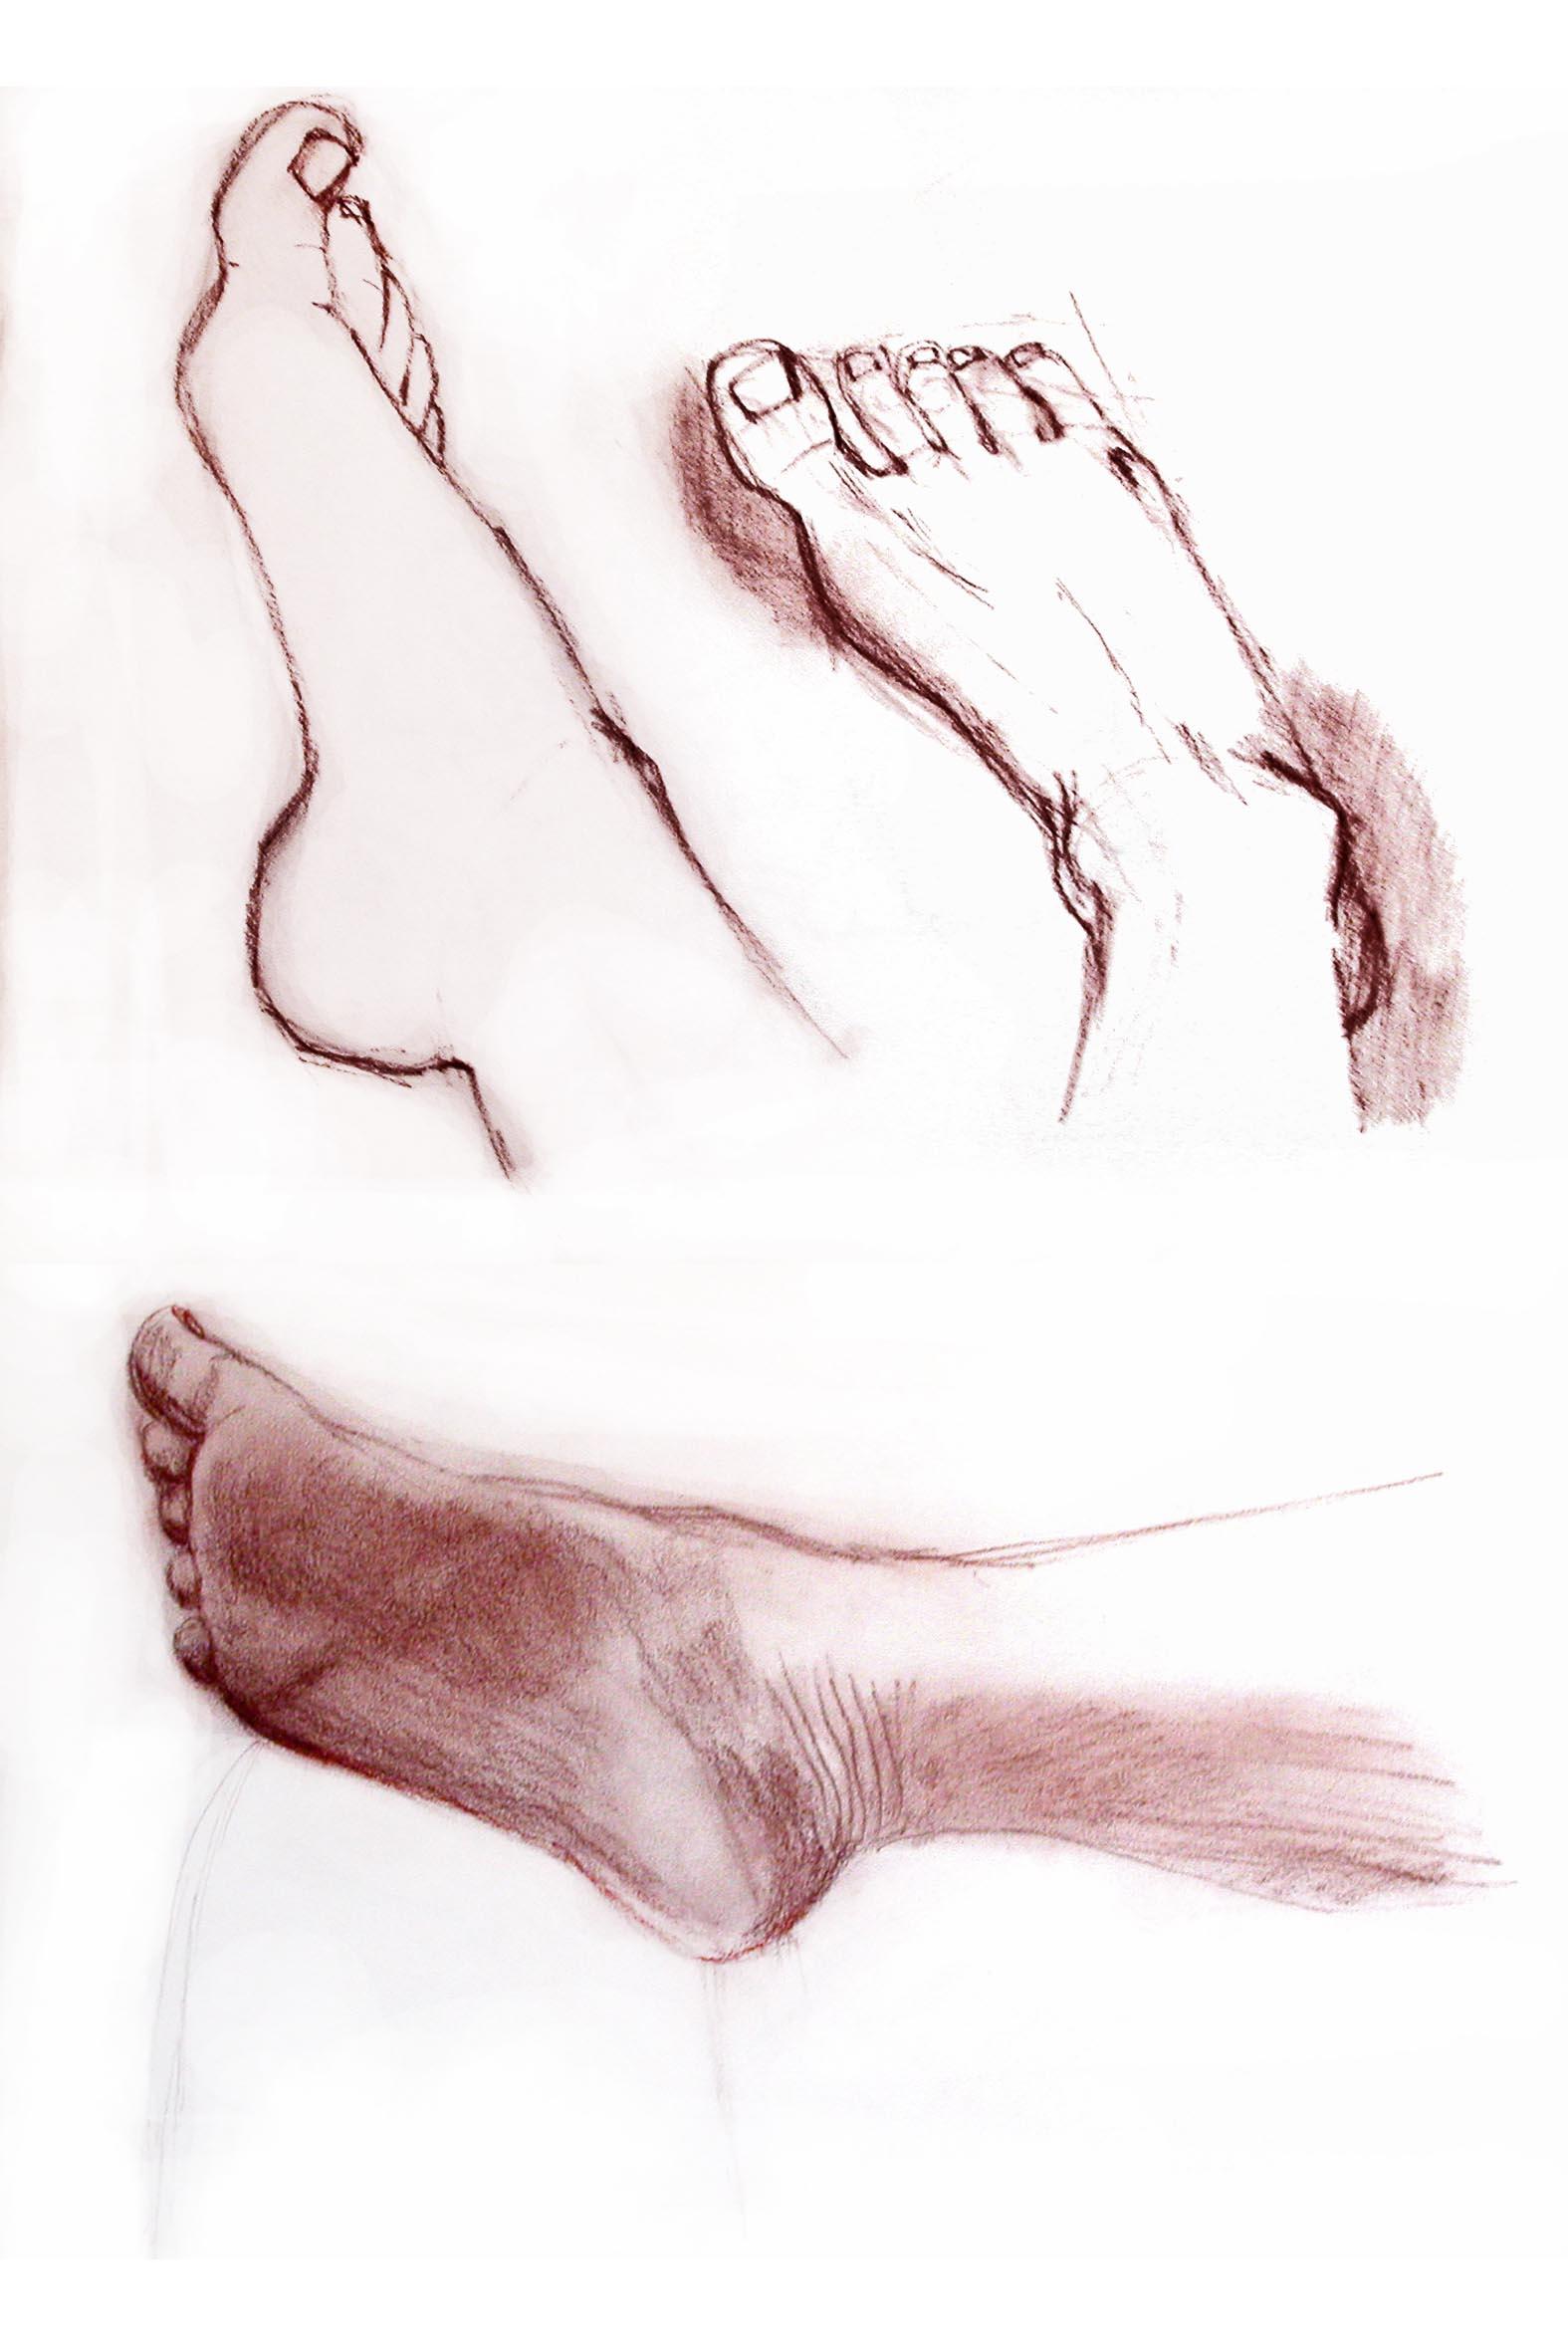 04_life drawing